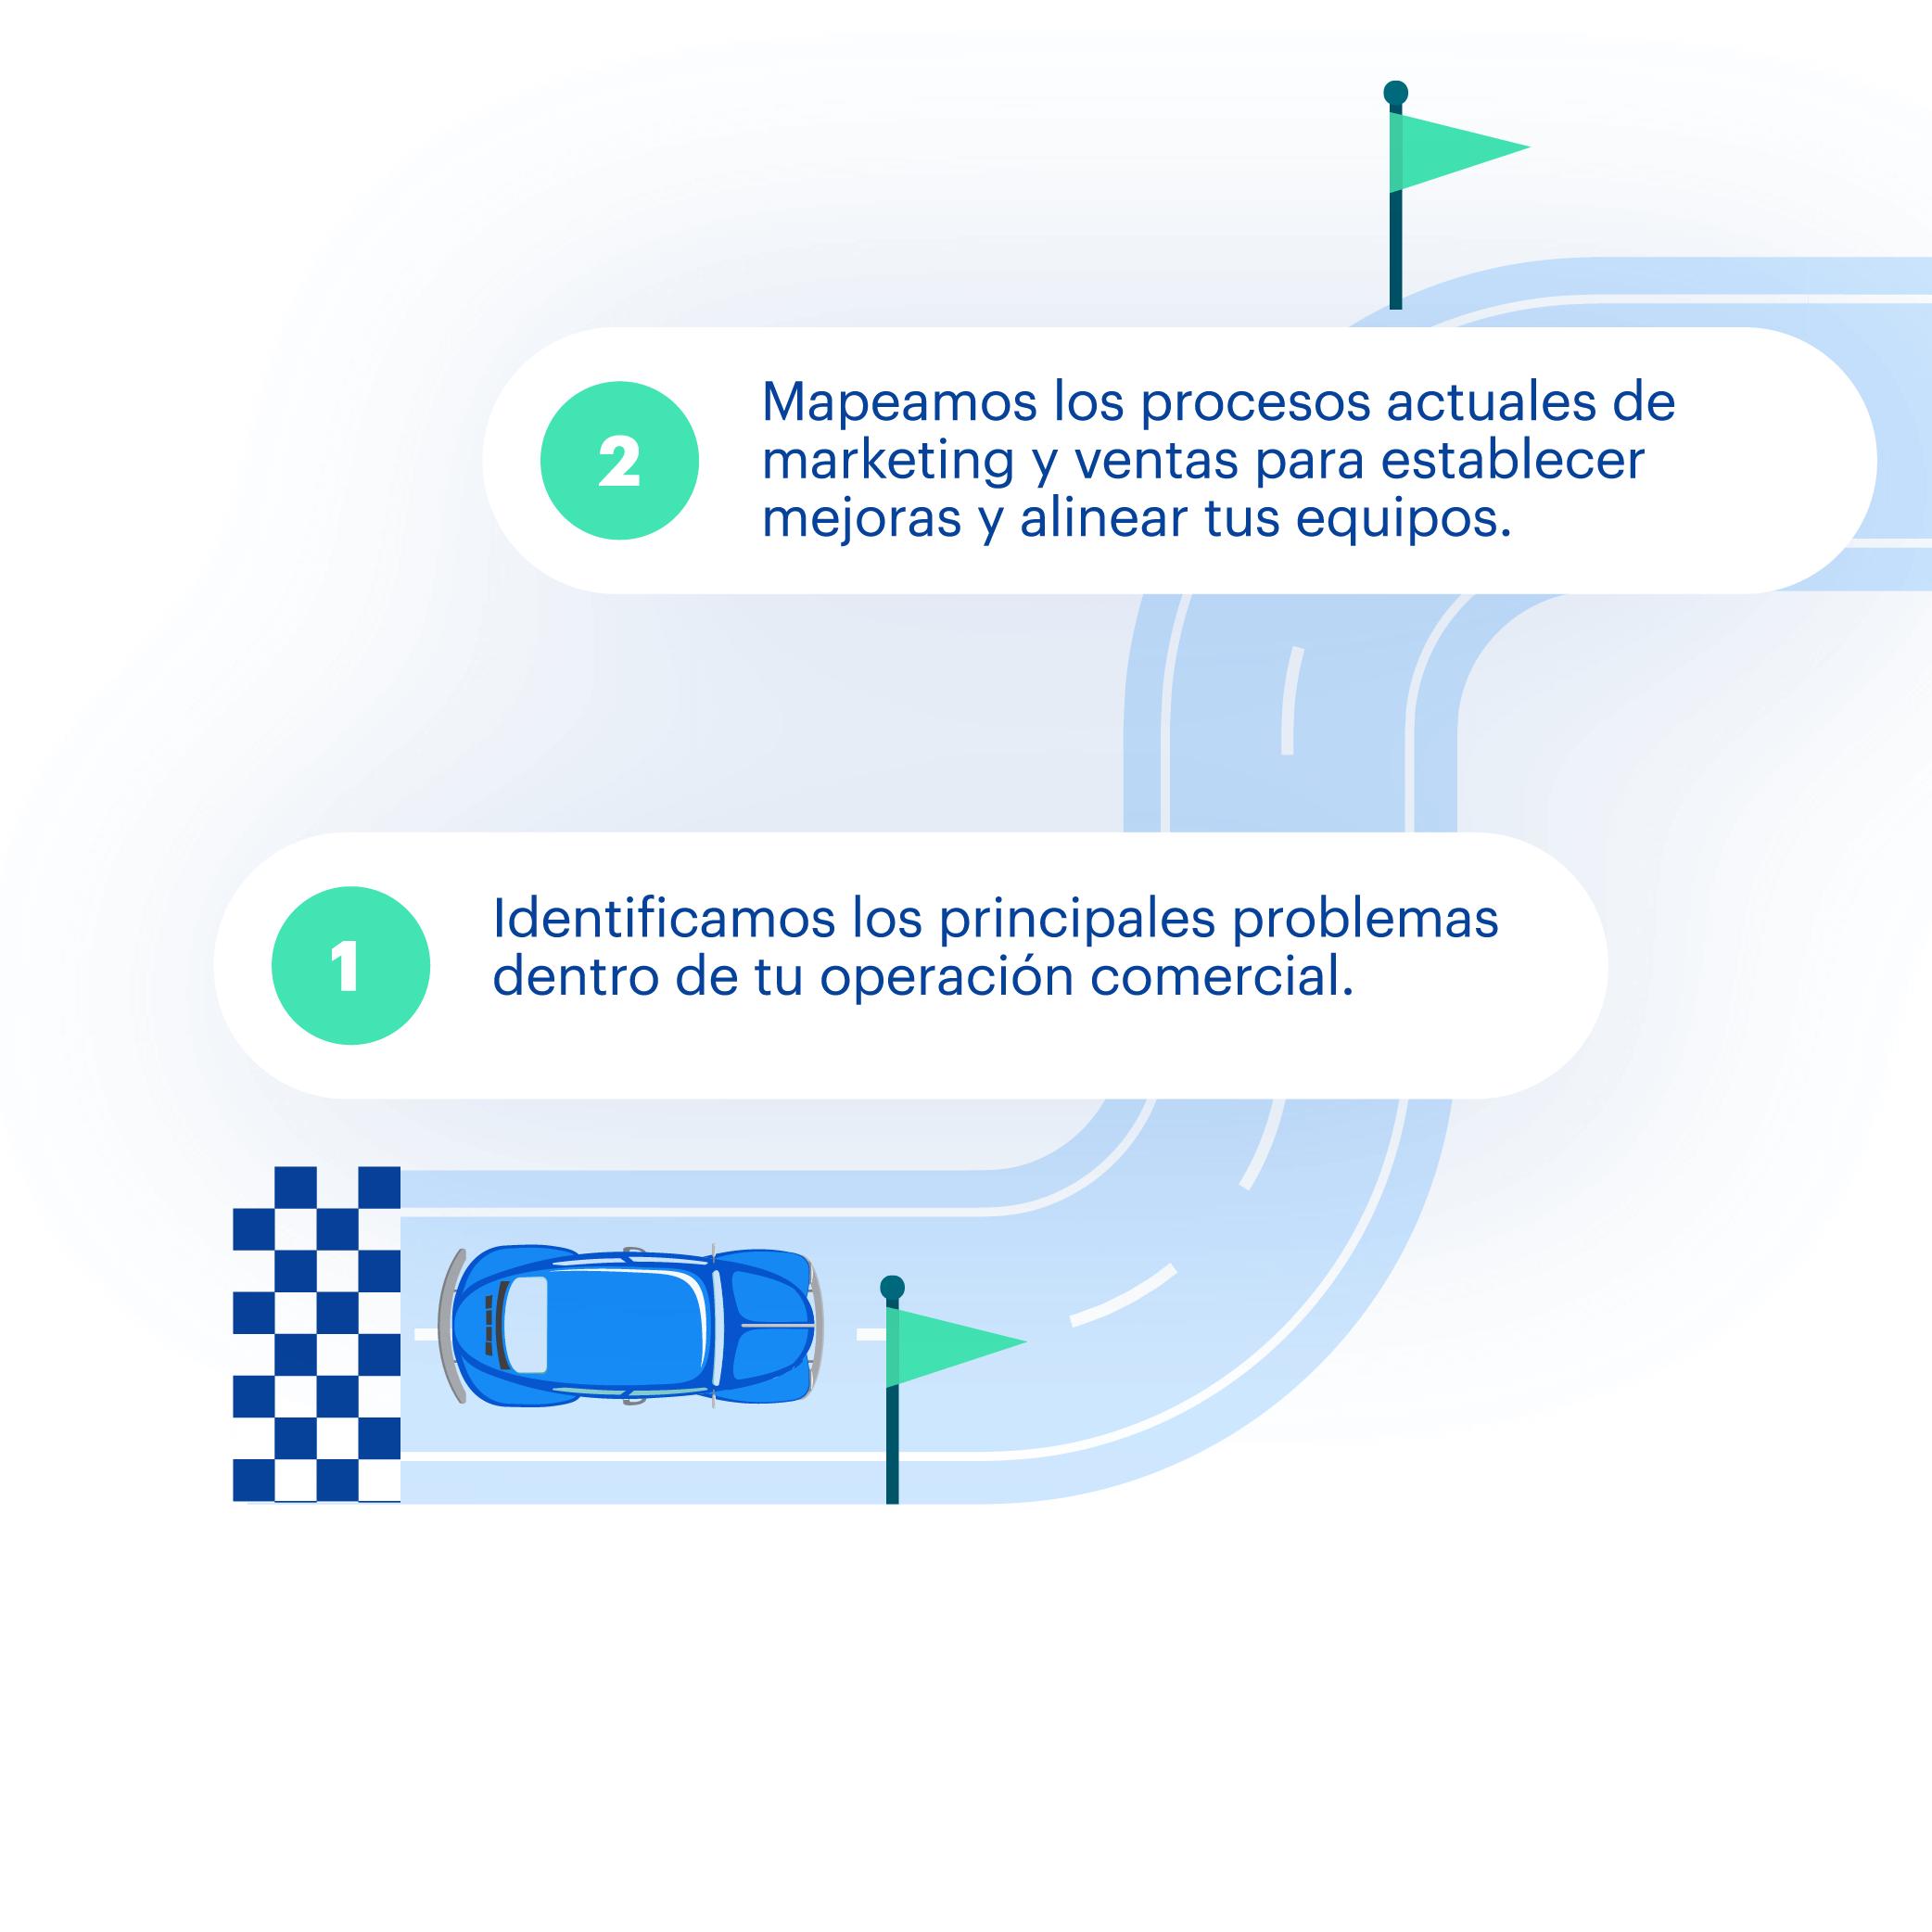 Carretera-infografia_Mesa-de-trabajo-1.png